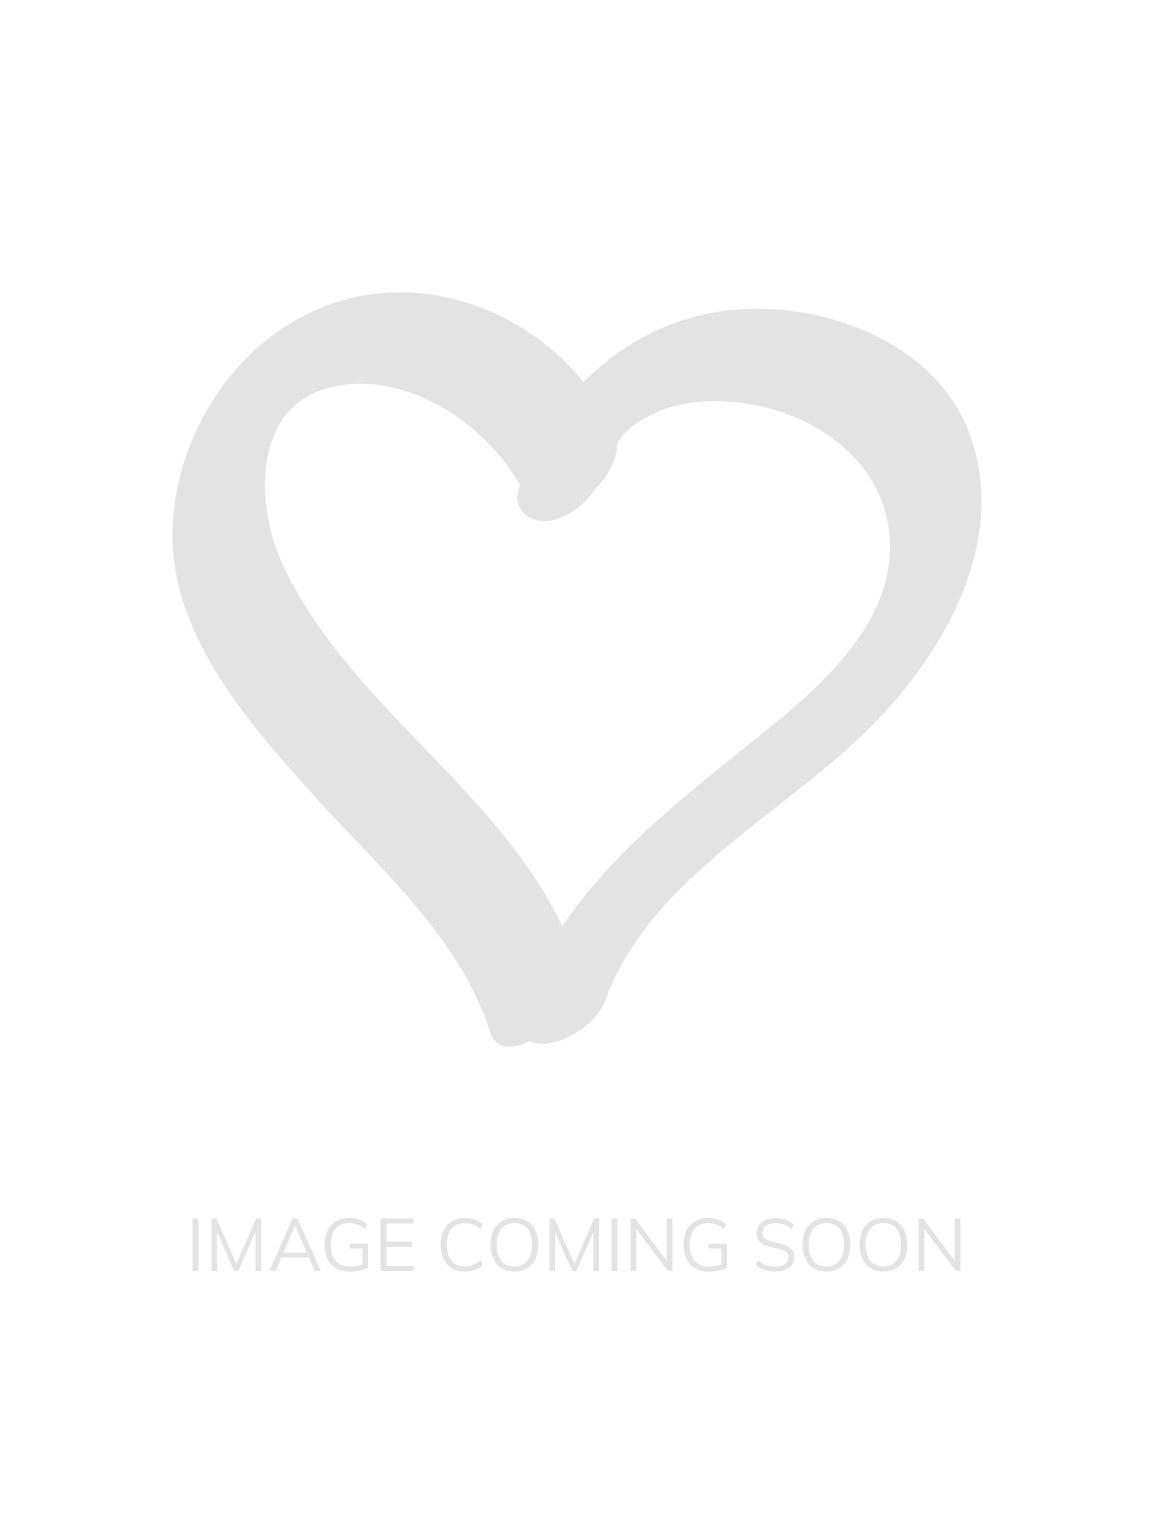 90ed43df3d960 Freya Soiree Lace Longline Bralette - Denim